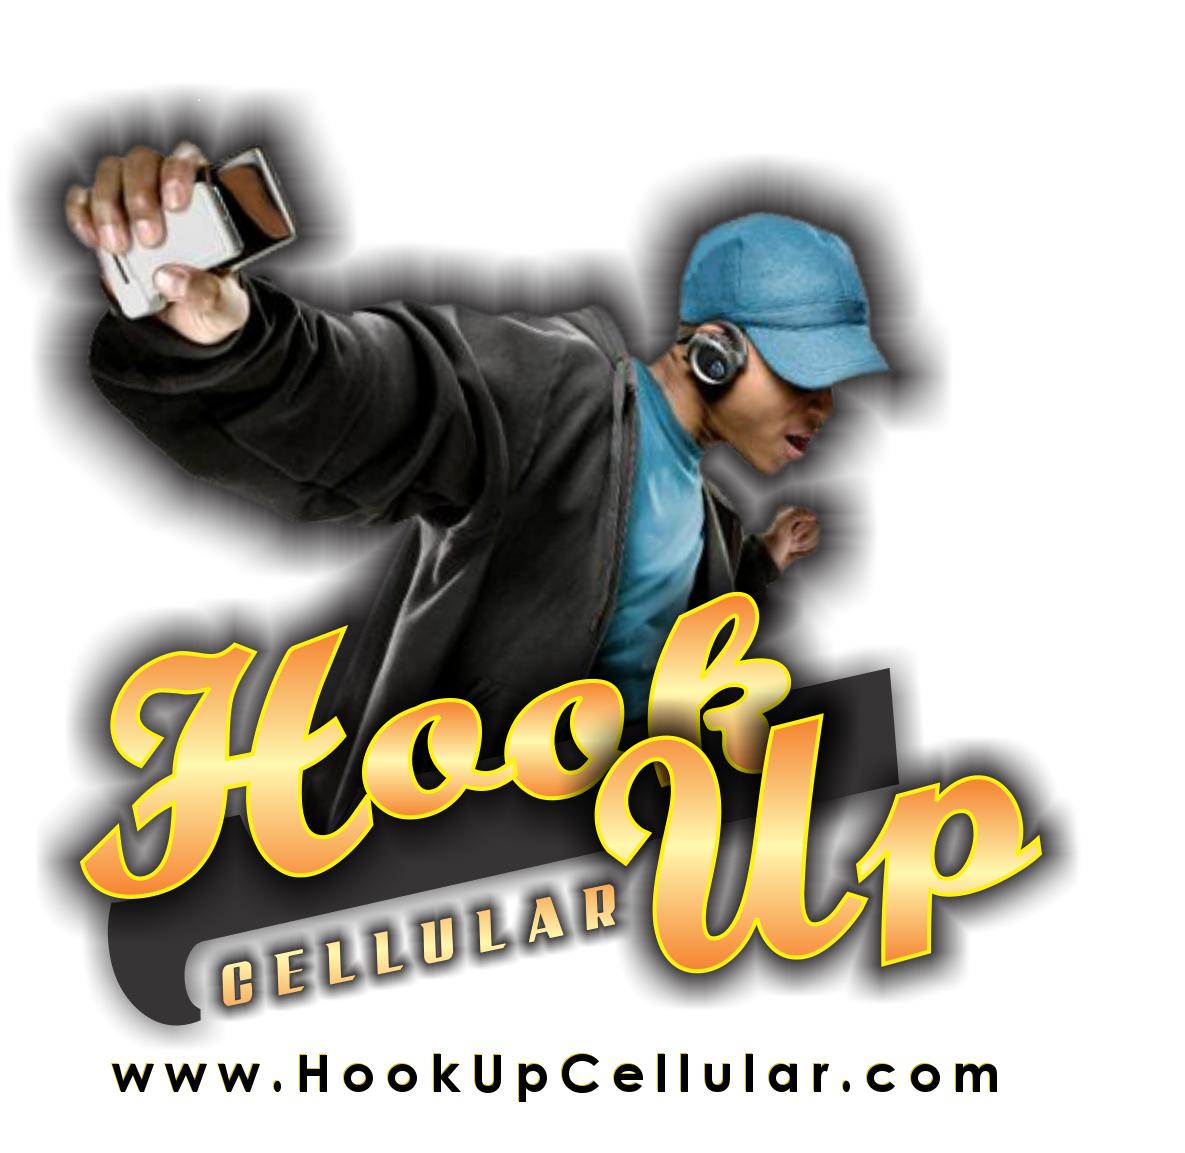 hookup cellular lllc